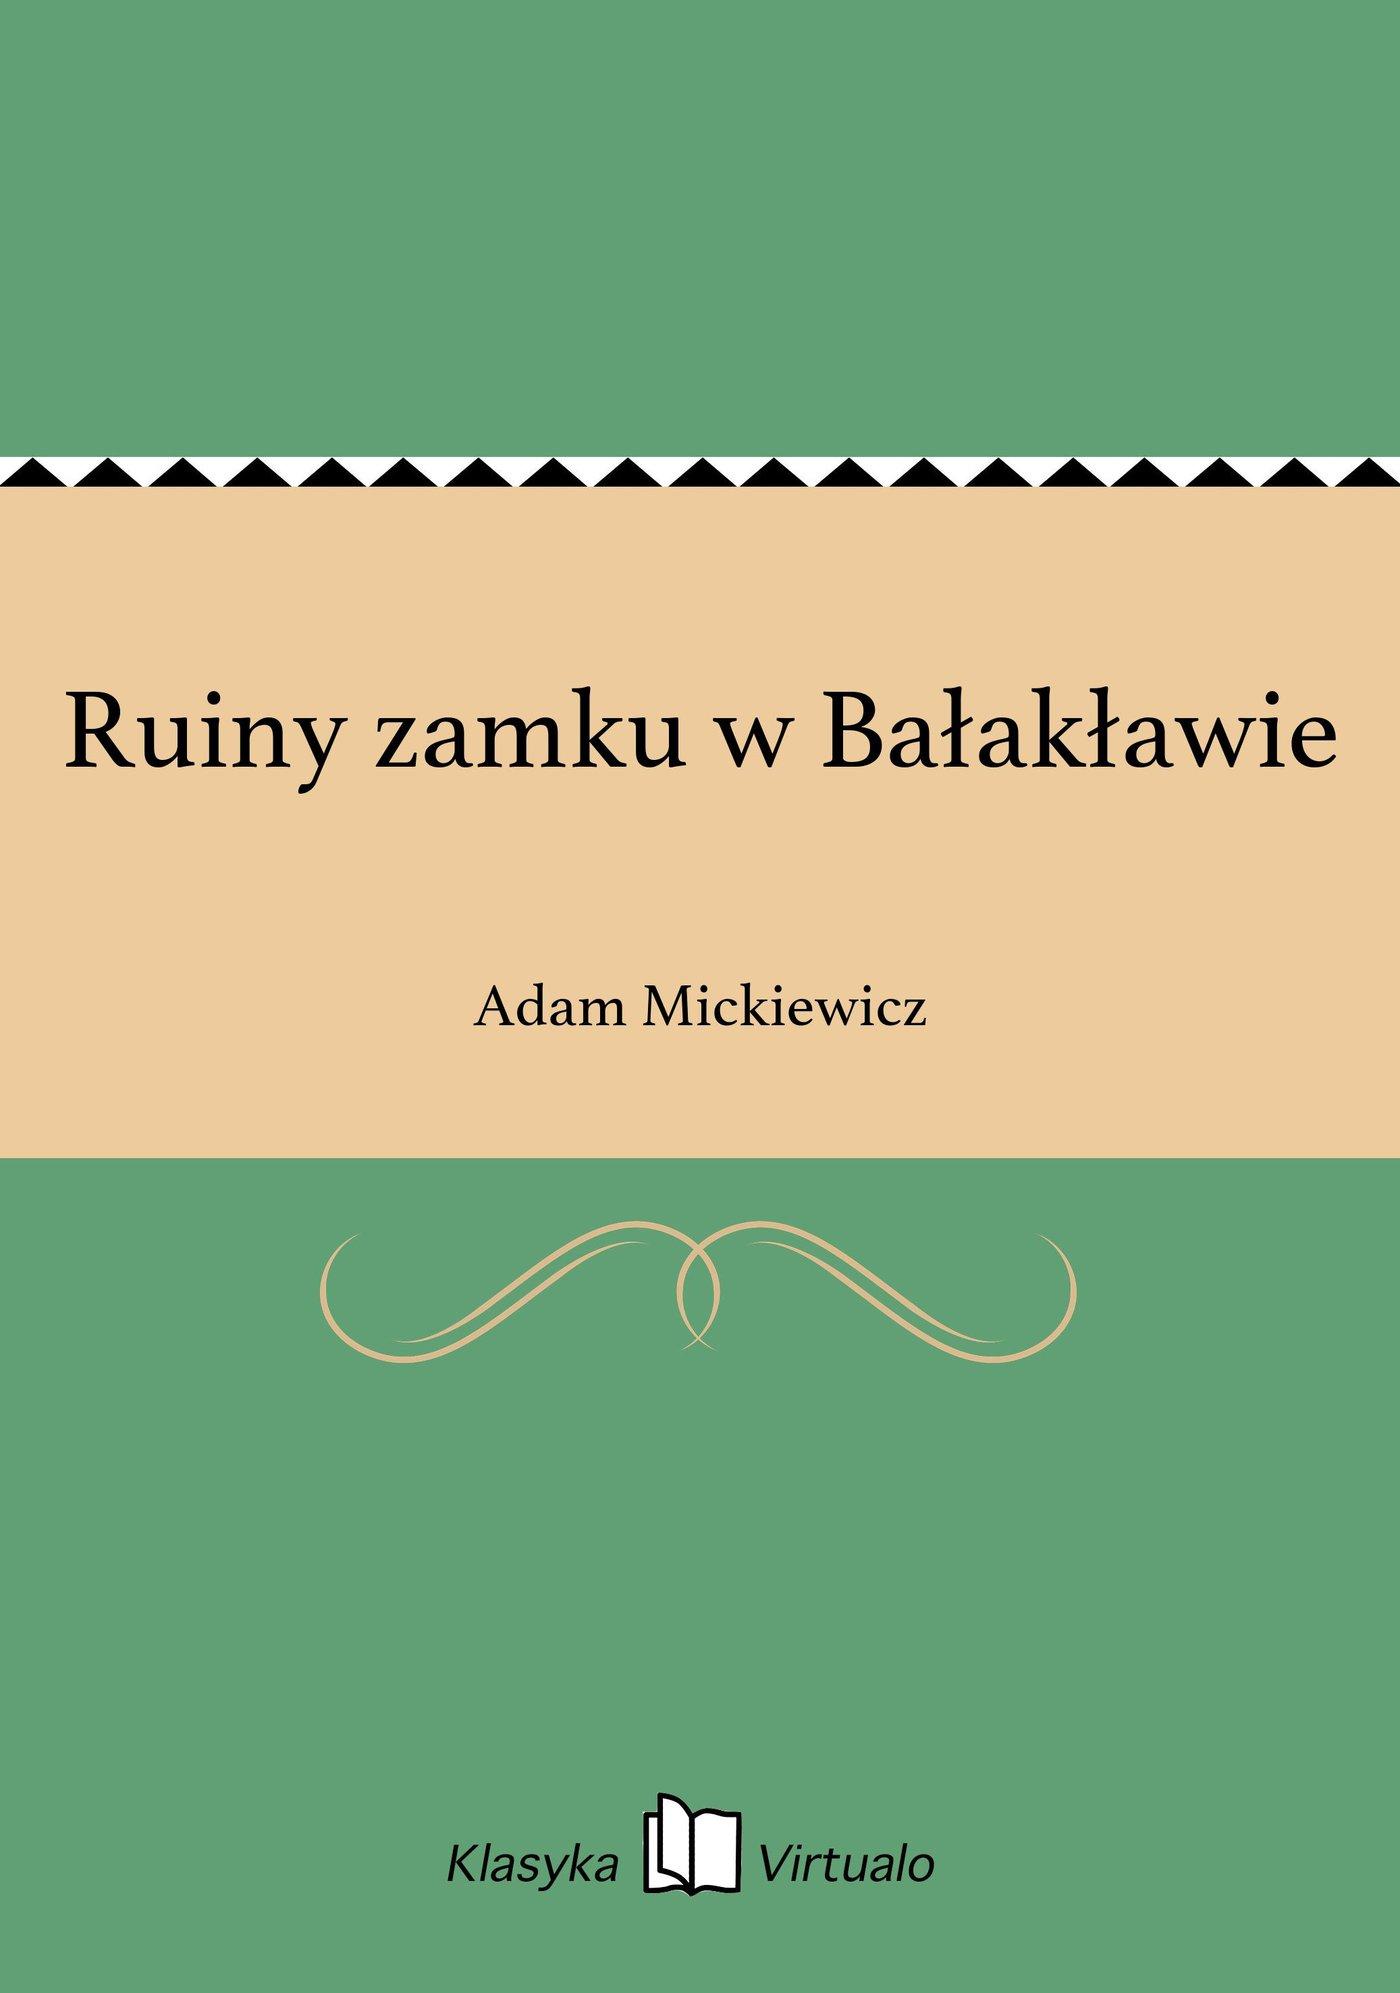 Ruiny zamku w Bałakławie - Ebook (Książka EPUB) do pobrania w formacie EPUB